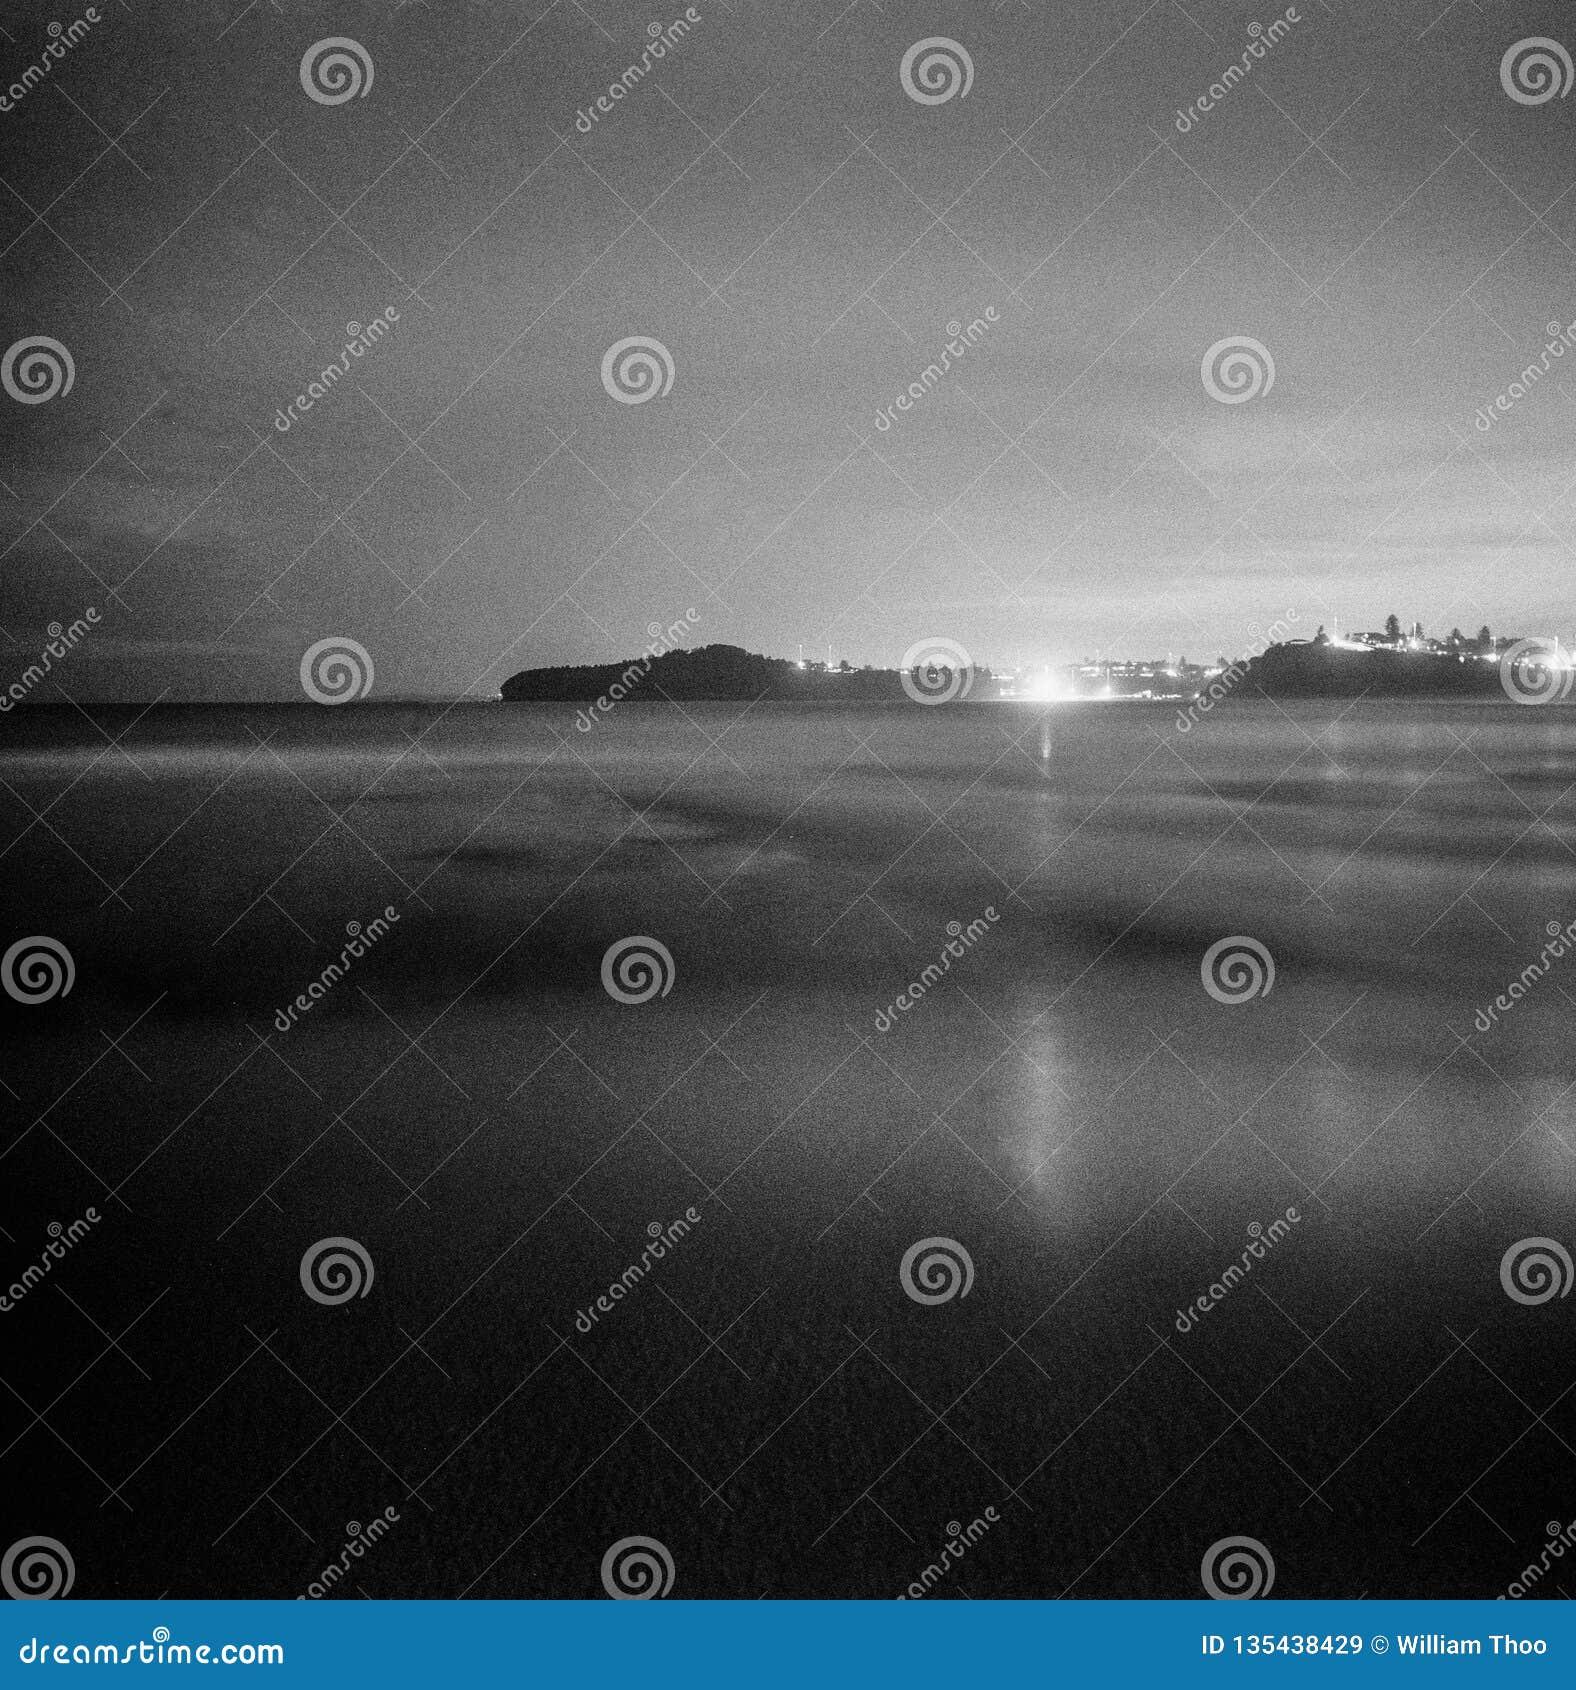 Nacht oceaan lange blootstelling met stadslichten in analo van de het formaat zwart-wit film van afstandsmona vale new south wale